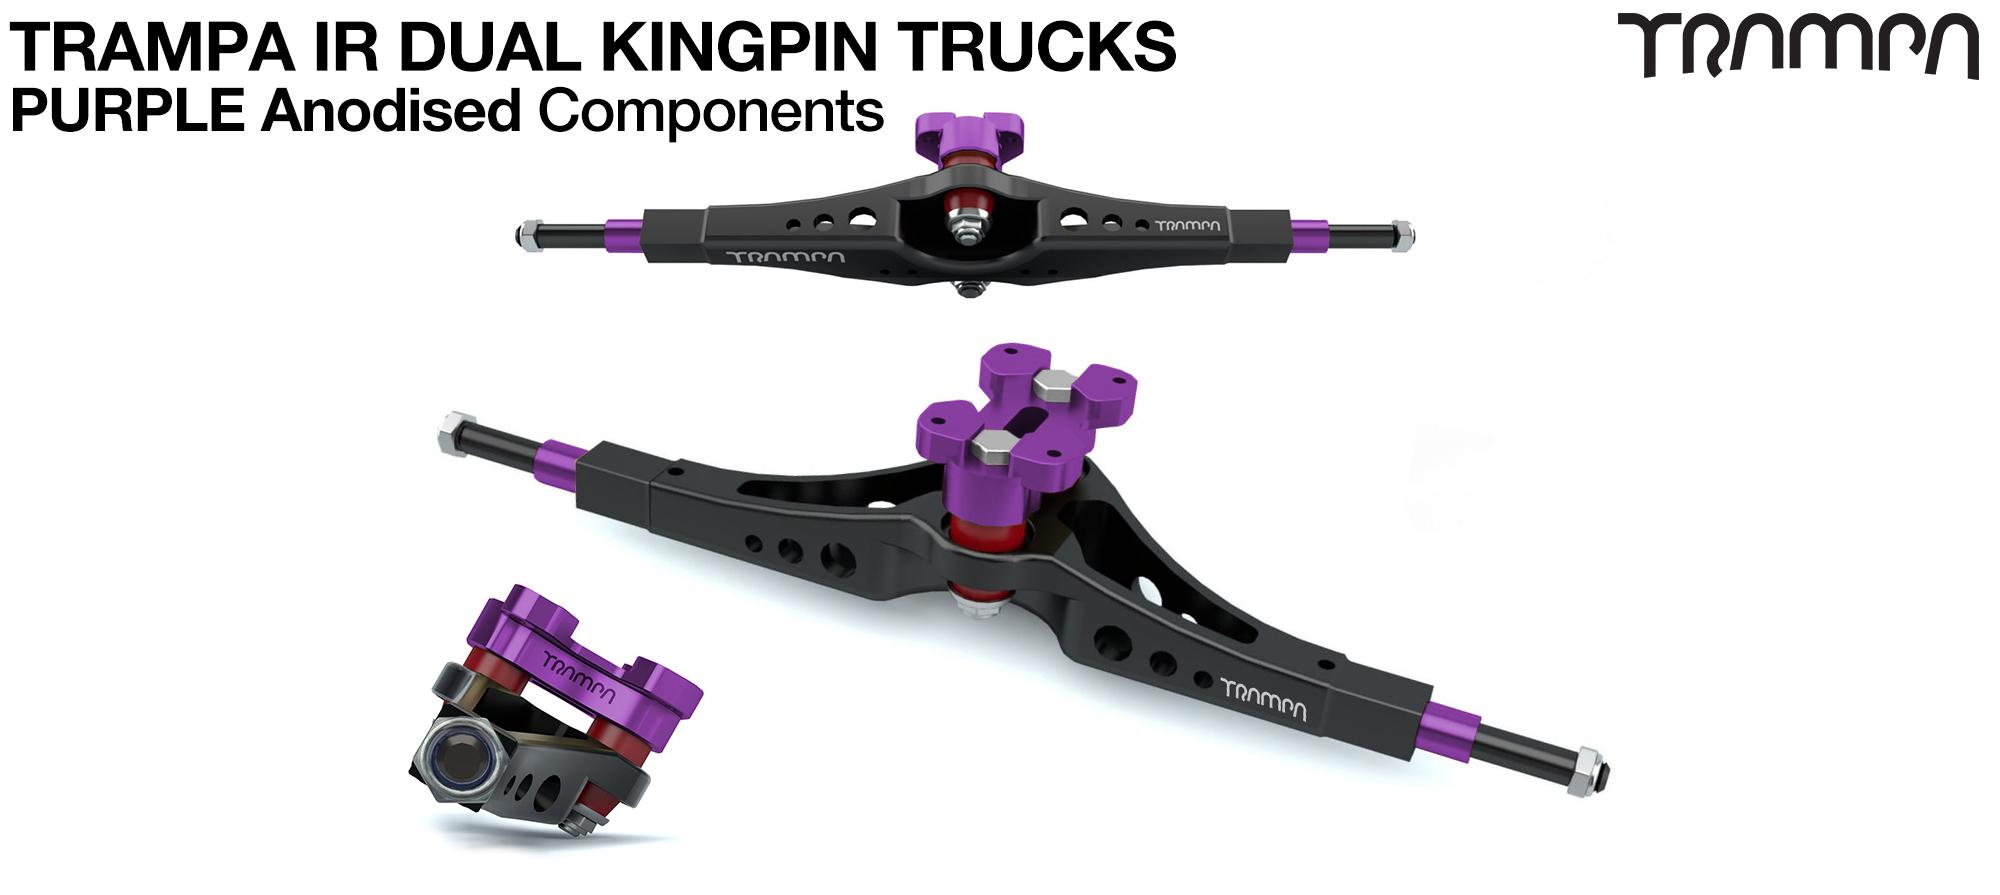 TRAMPA IR Double Kingpinned Skate Style Trucks fit every 19.1mm Motor Mount TRAMPA offers - PURPLE